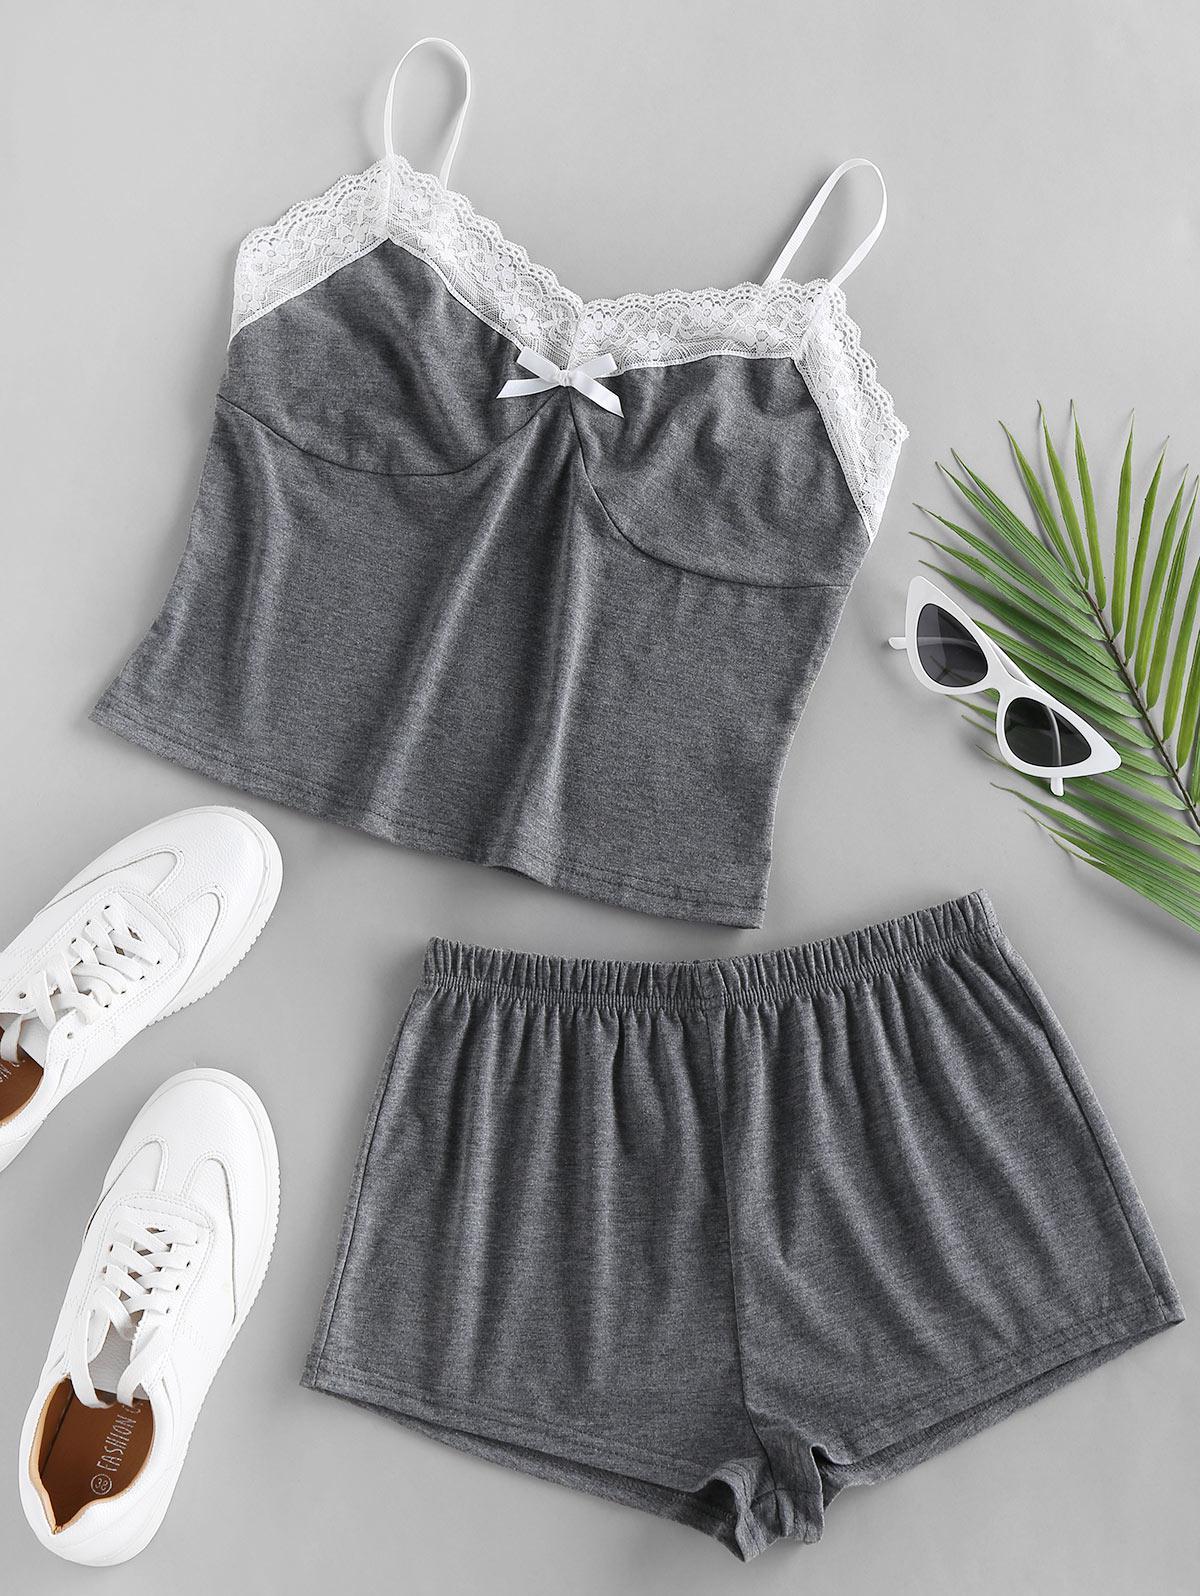 ZAFUL Lace Insert Colorblock Bowknot Pajama Shorts Set